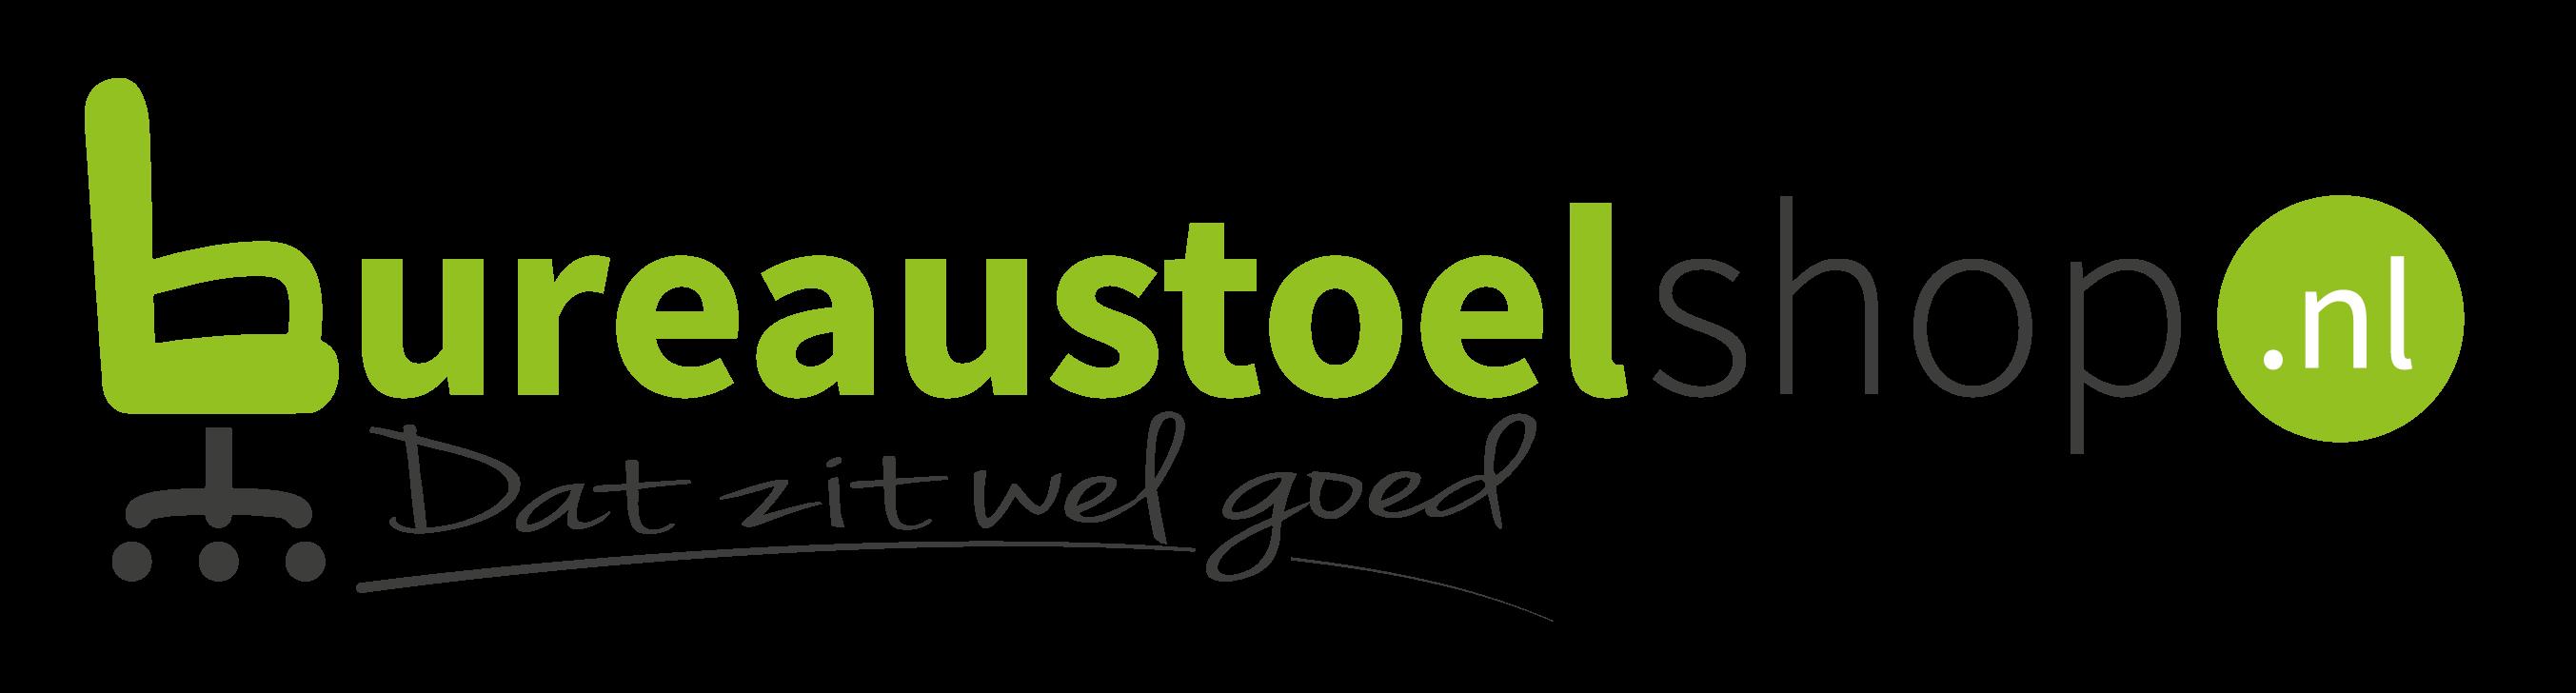 Bureaustoelshop.nl